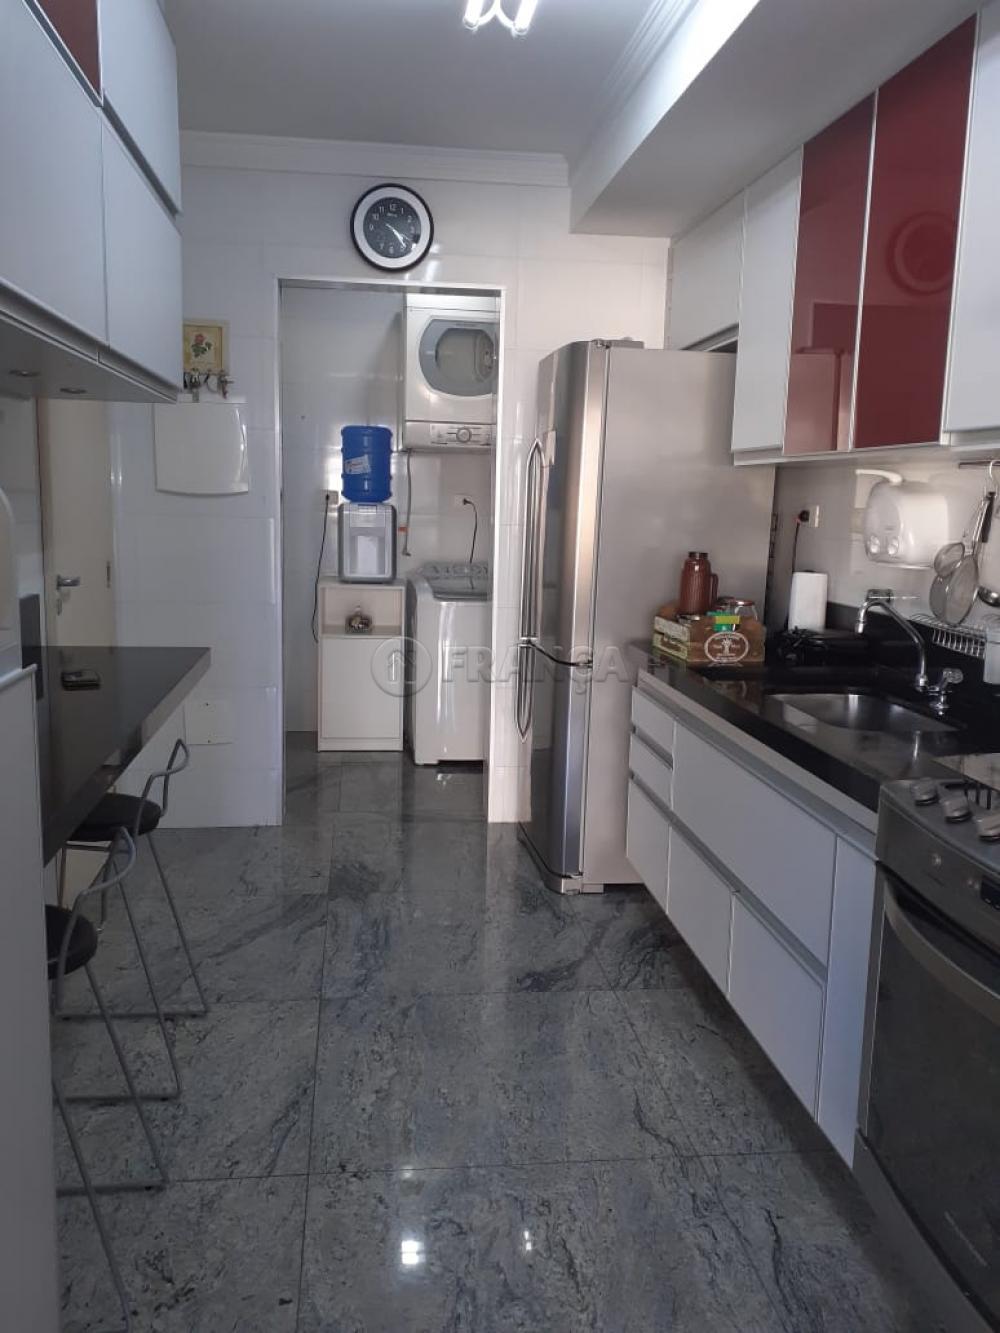 Comprar Casa / Condomínio em Jacareí apenas R$ 750.000,00 - Foto 6